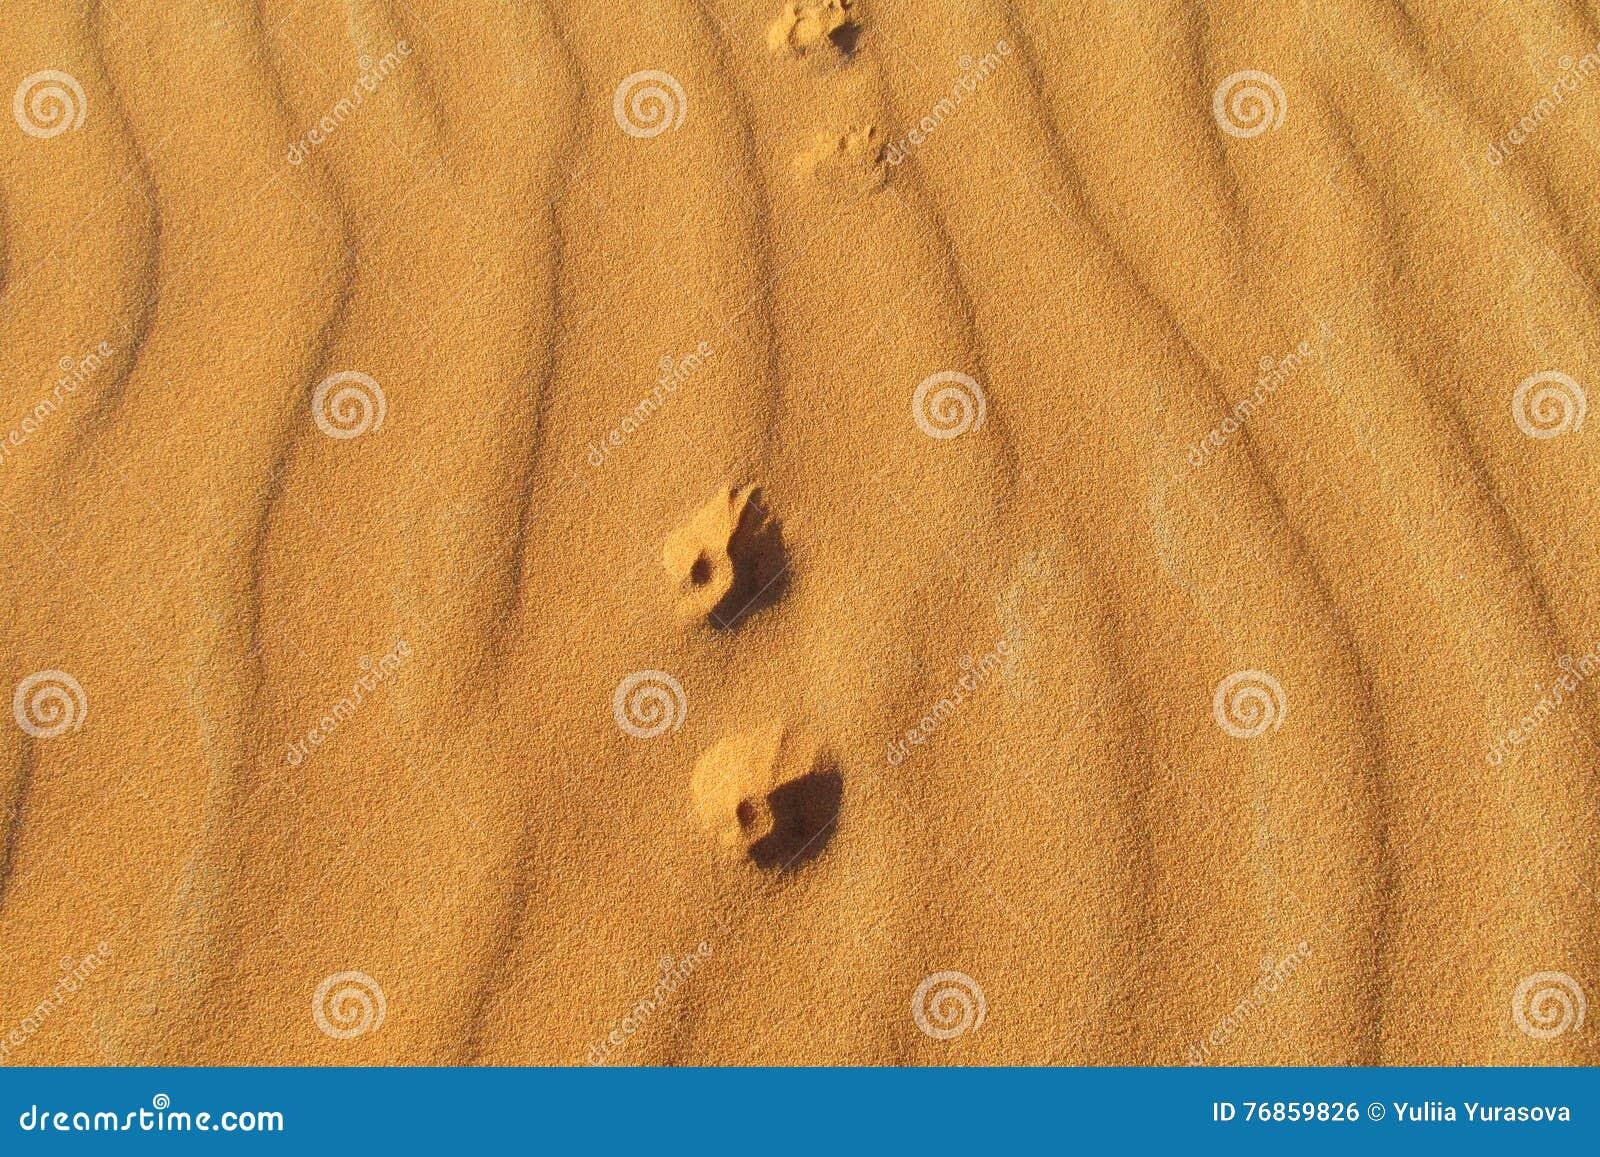 Impresiones del pie de un pequeño zorro en la arena